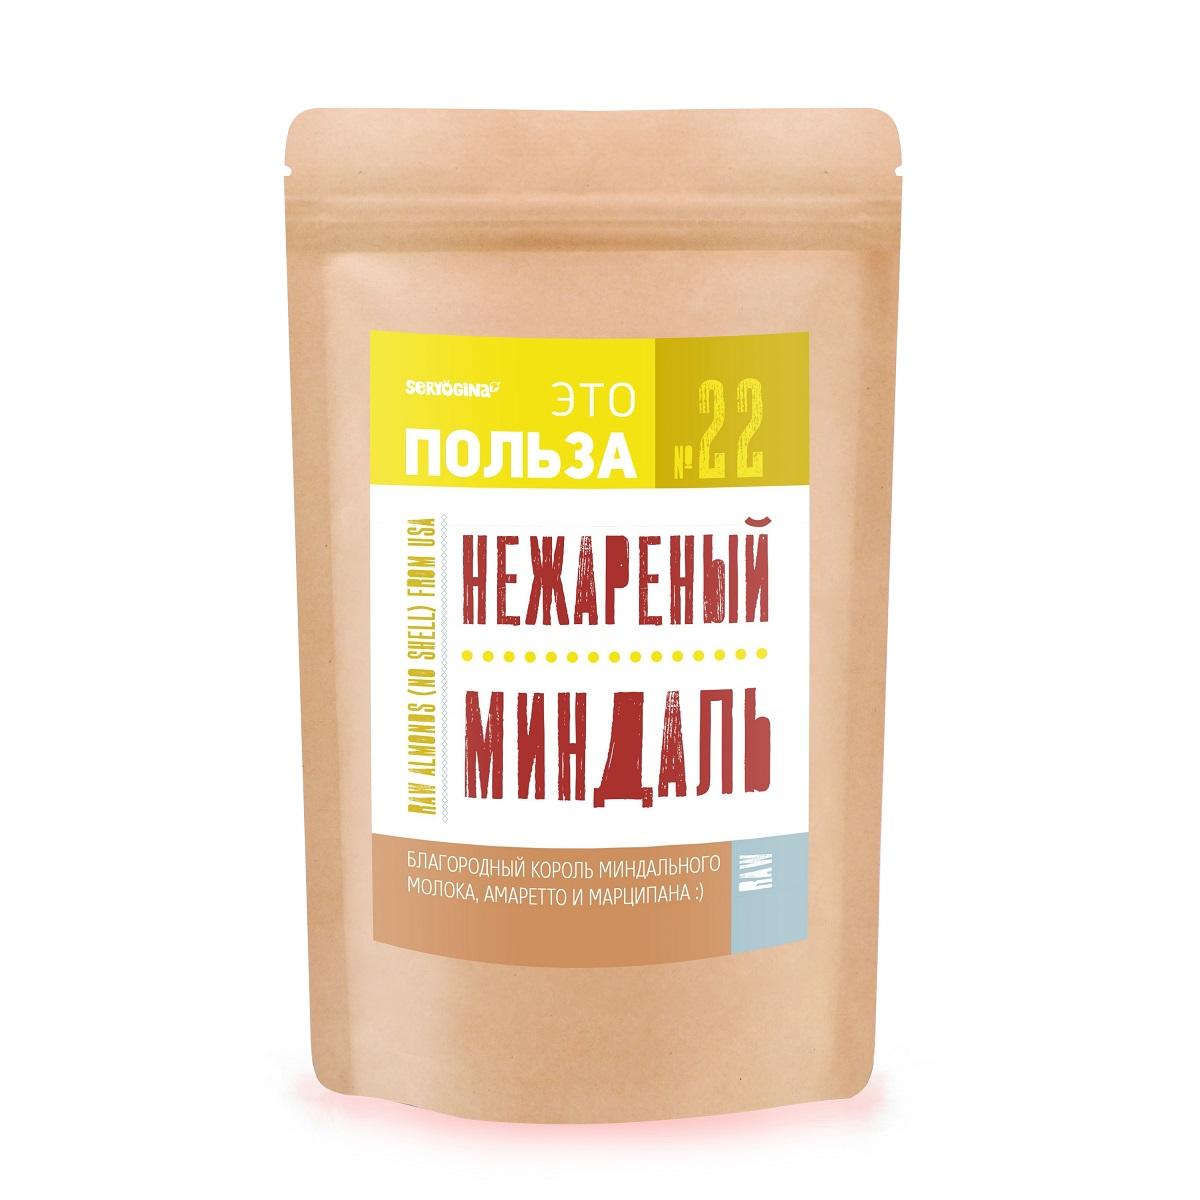 Seryogina Миндаль нежареный, 1500 г seryogina бразильский орех 200 г